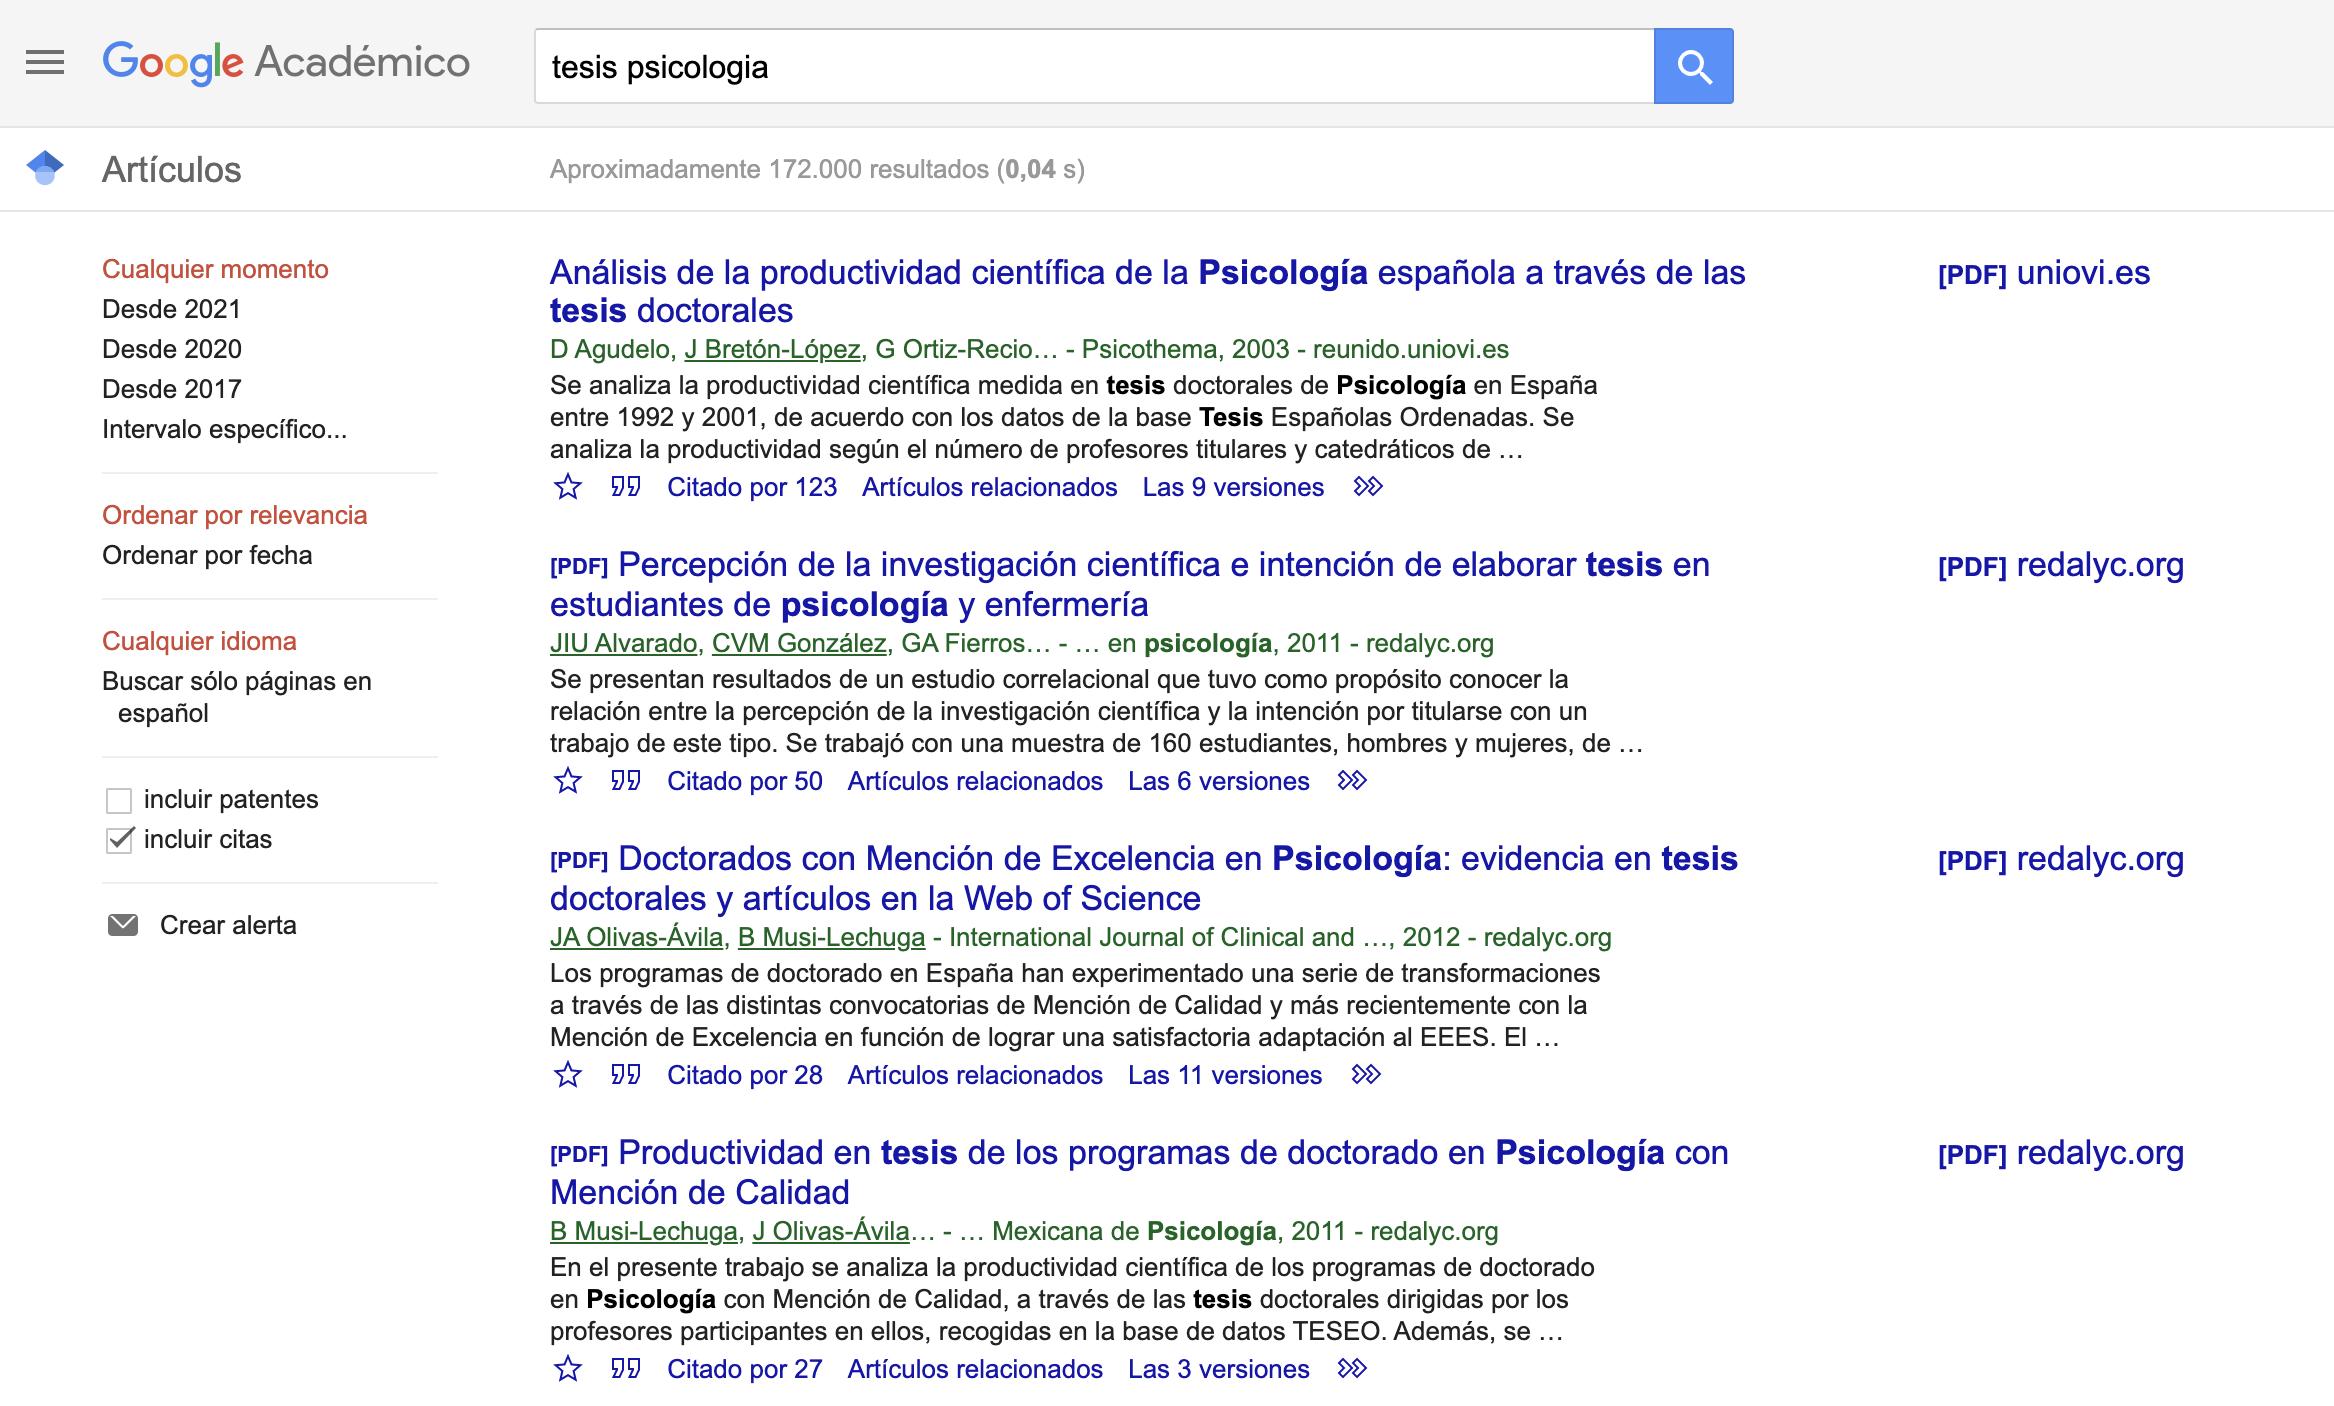 Cómo buscar en Google Académico?